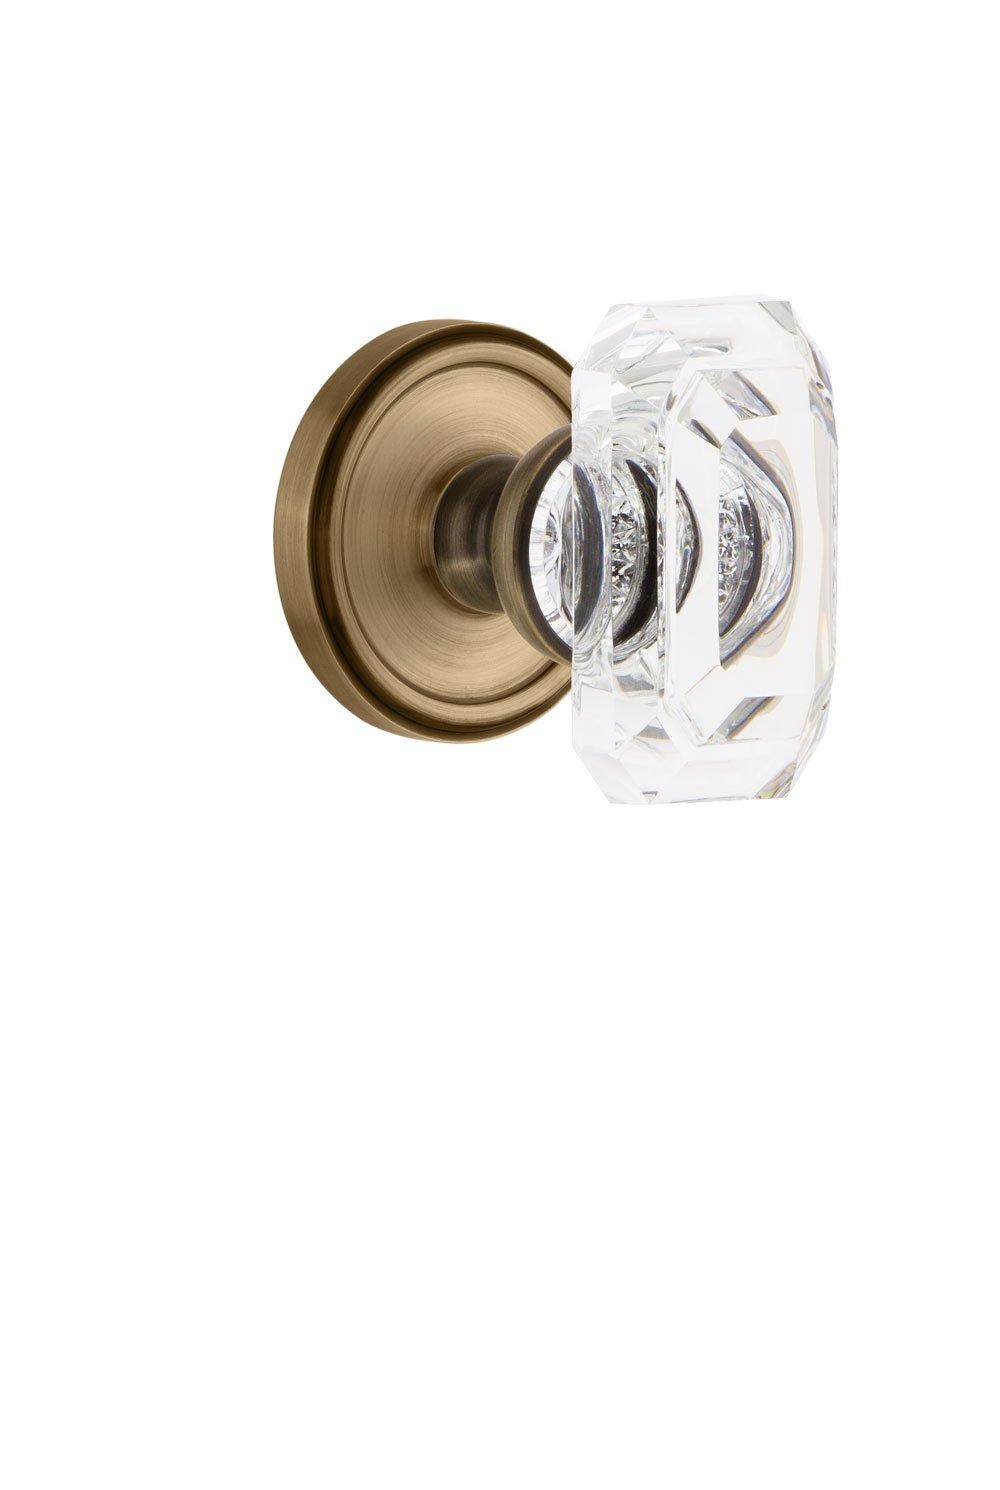 2.375 Grandeur 827860 Georgetown Rosette Passage with Baguette Crystal Knob in Polished Nickel